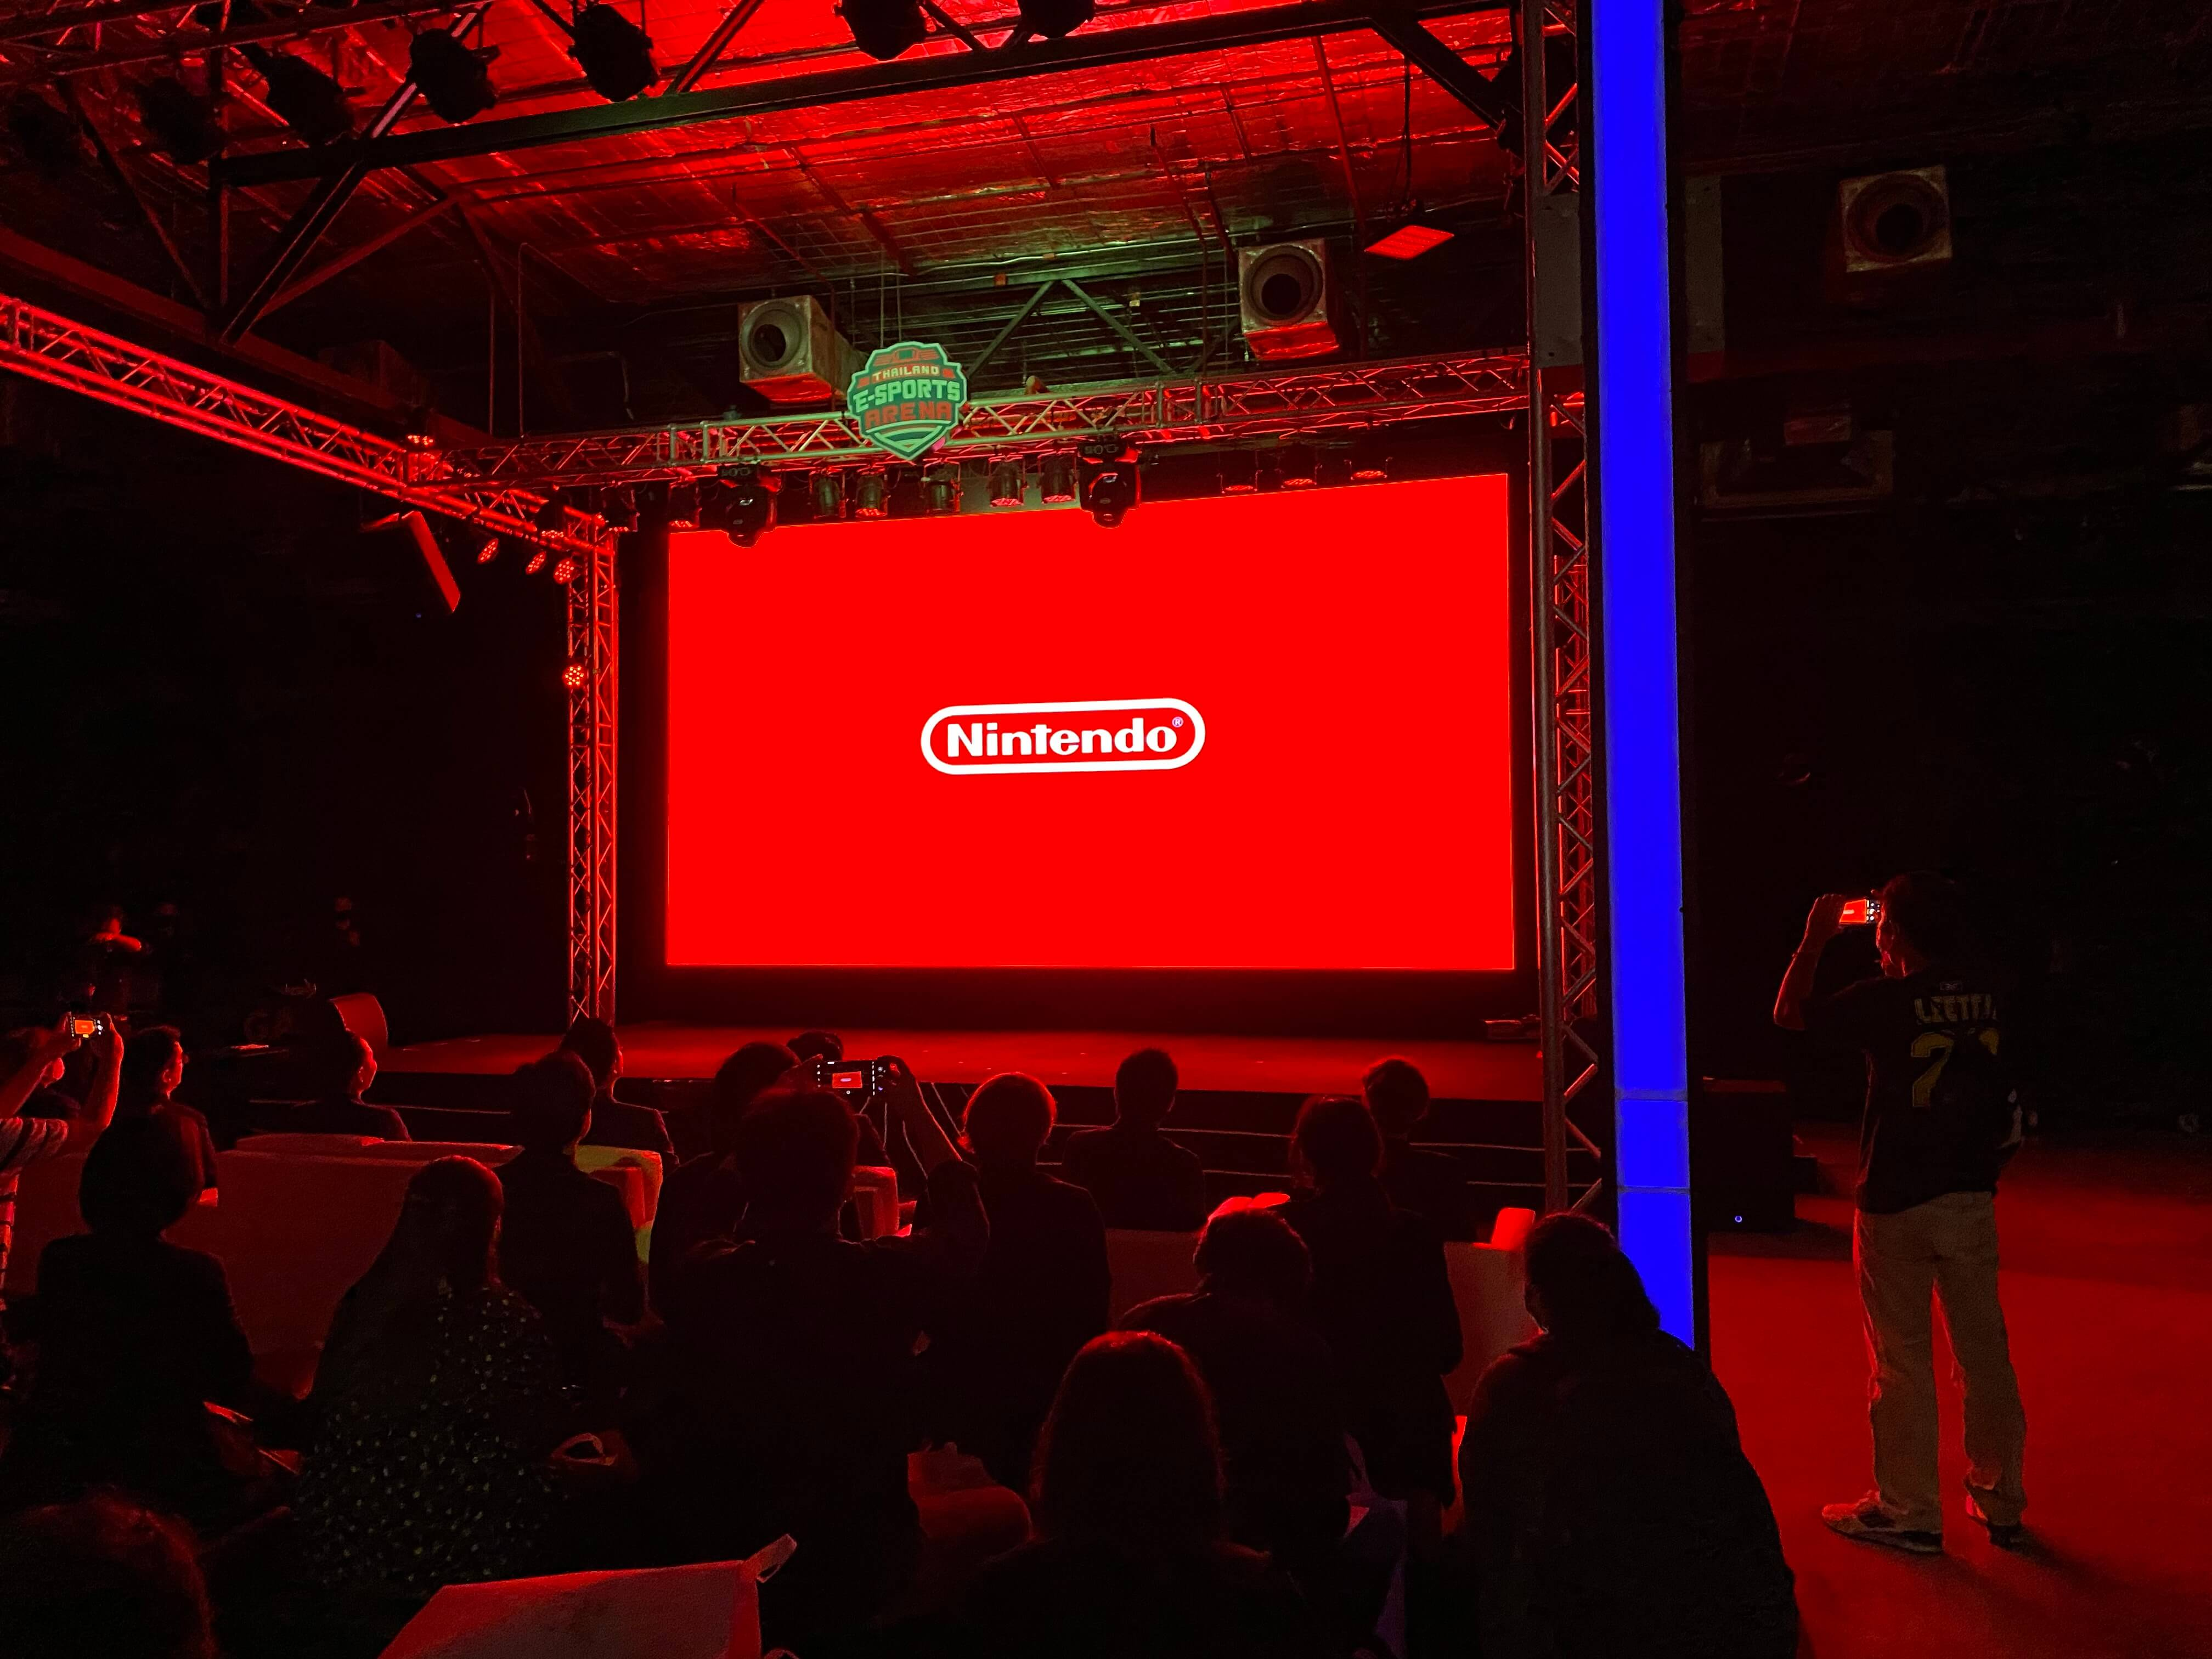 Nintendo จับมือสำนักงานส่งเสริมเศรษฐกิจดิจิทัล (depa) ร่วมผลักดันผู้พัฒนาเกมไทยสู่ระดับโลก